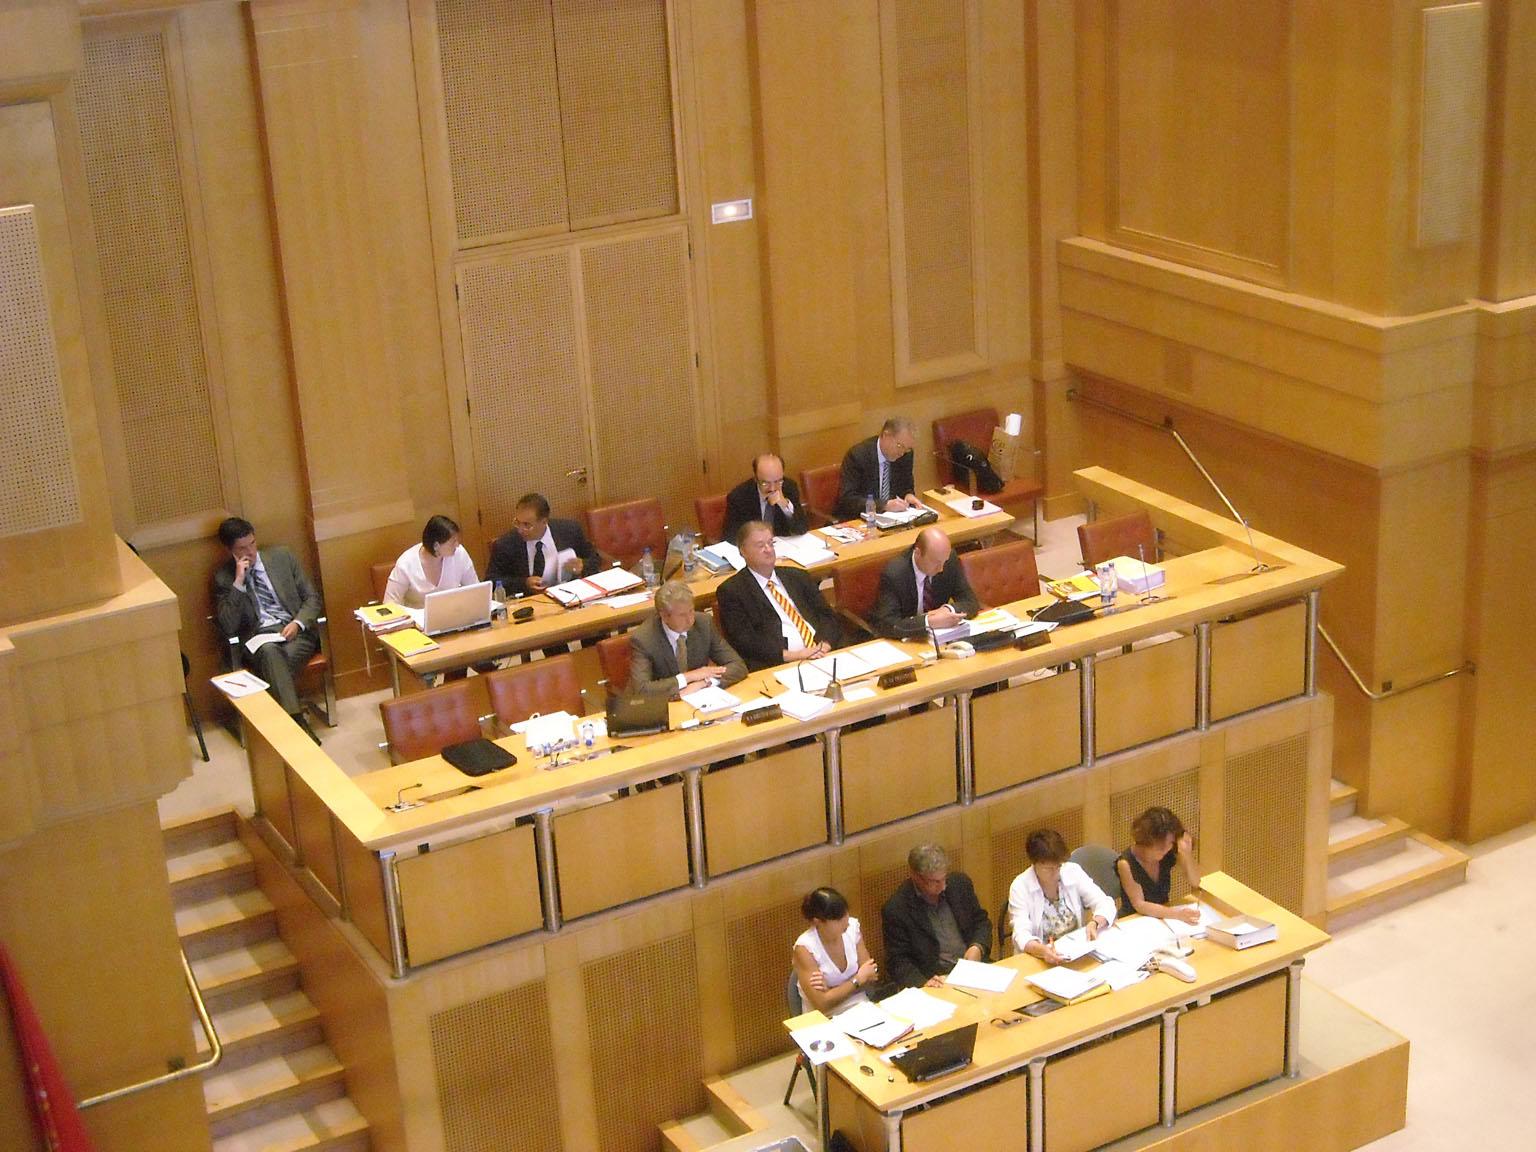 En conseil régional du 25 juin (photo : Mj)